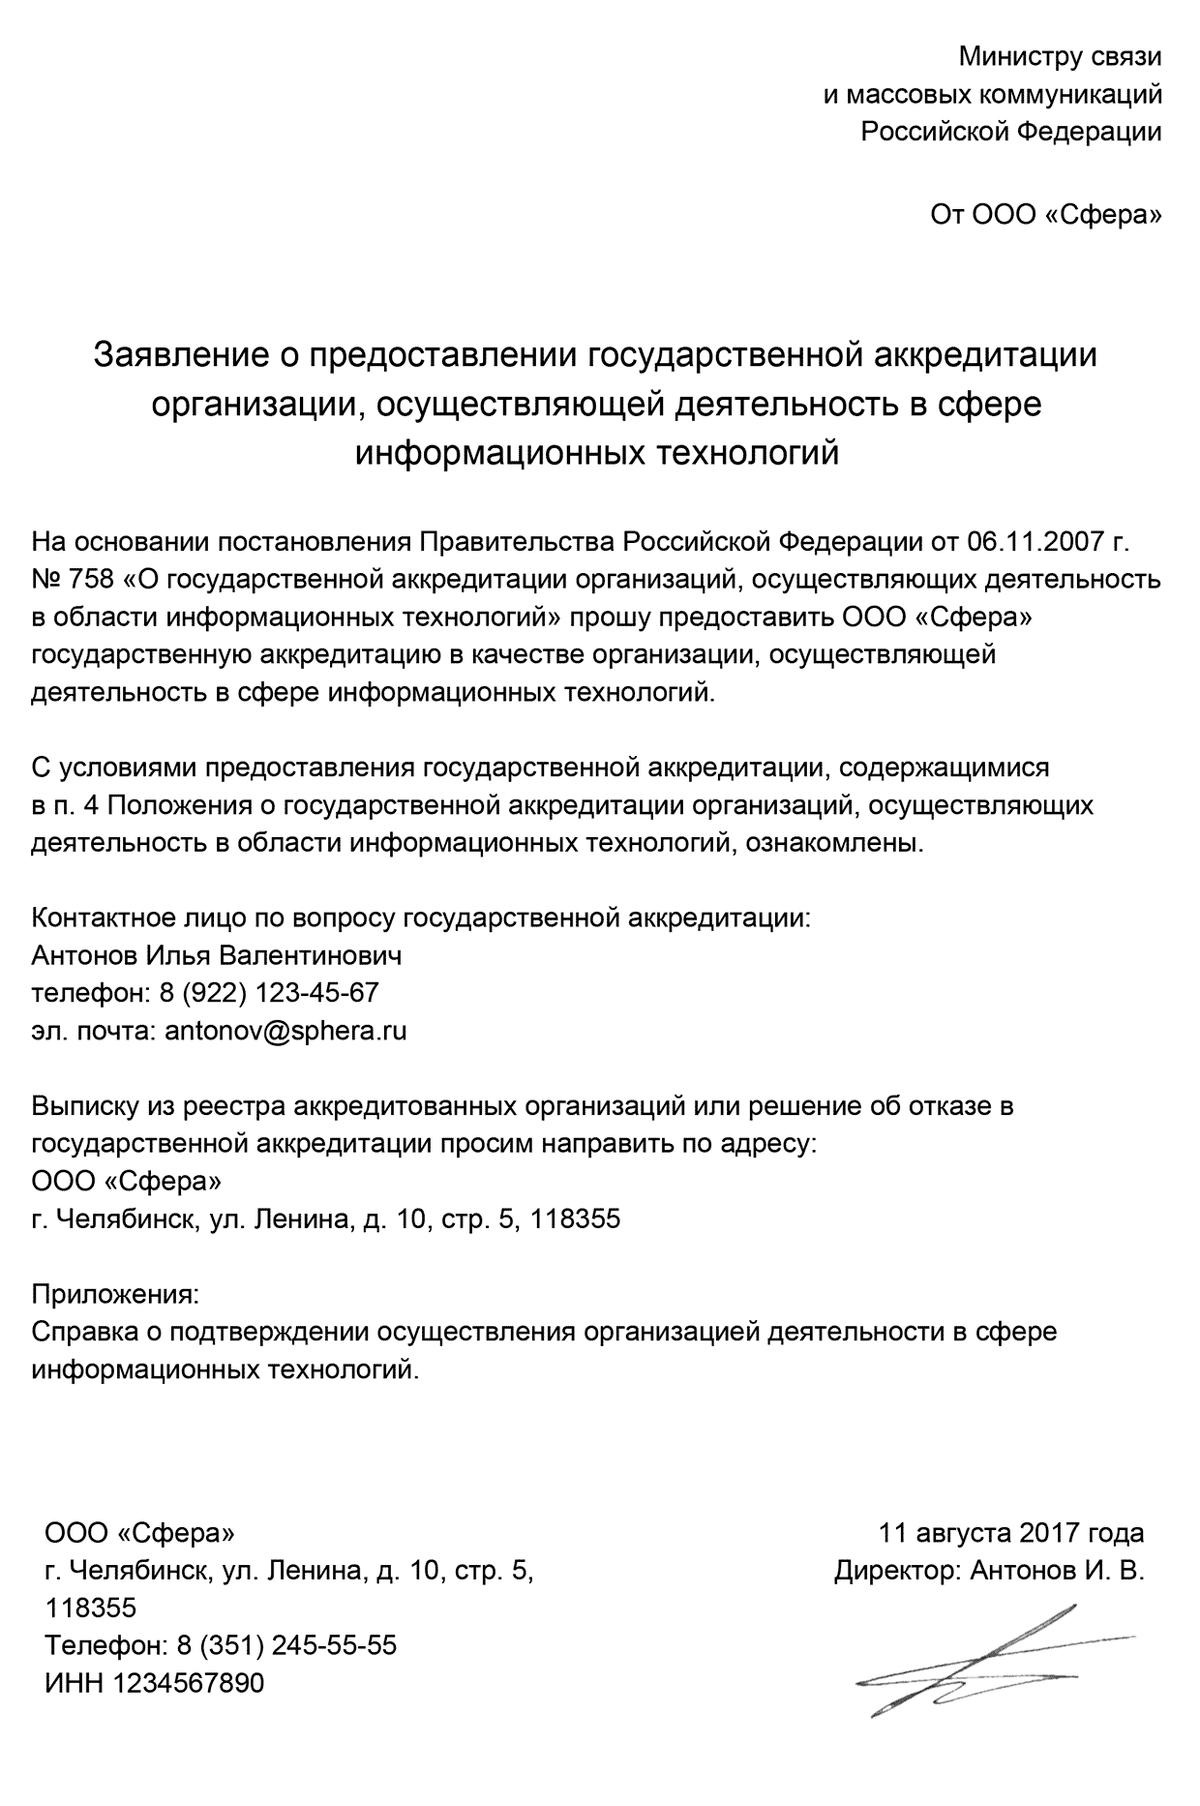 Шаблон заявления о предоставлении аккредитации